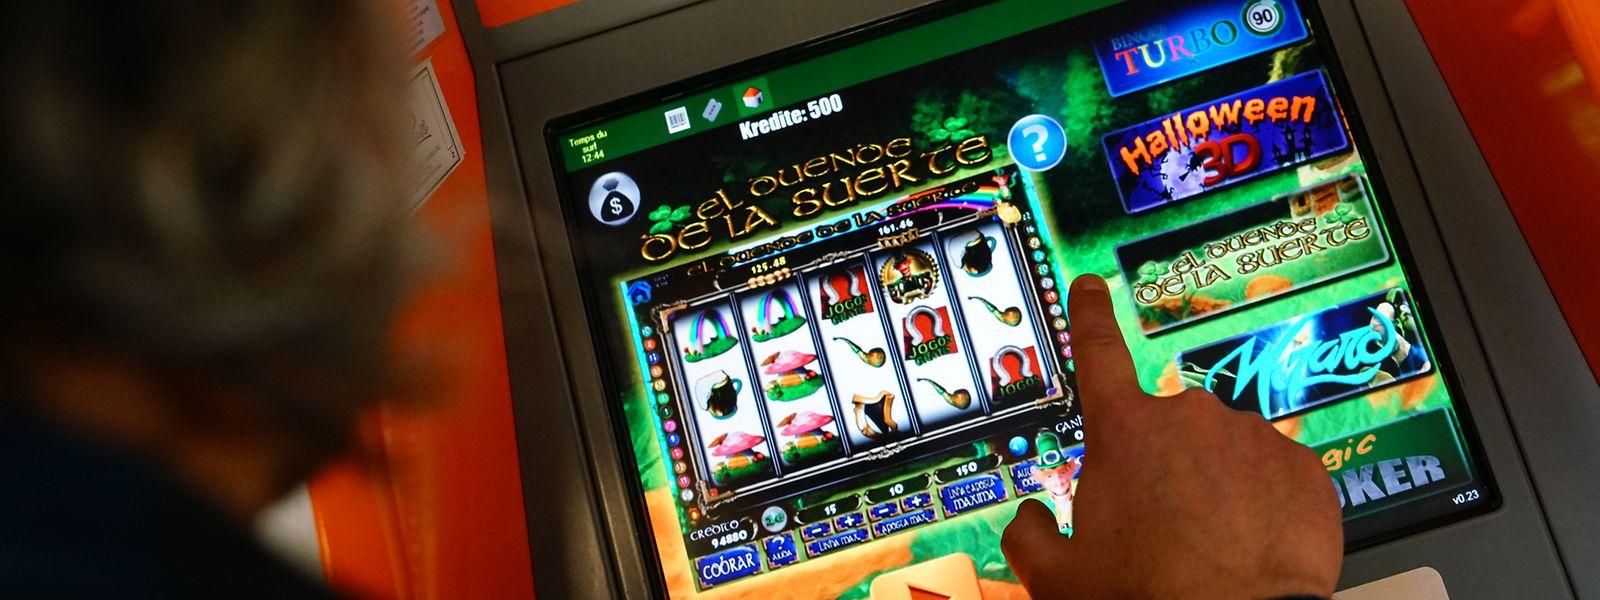 In Luxemburger Cafés gibt es sowohl Automaten, bei denen es nur um den Spielspaß geht, wie auch solche, bei denen Sach- und Geldgewinne erzielt werden können. Letztere sind illegal.